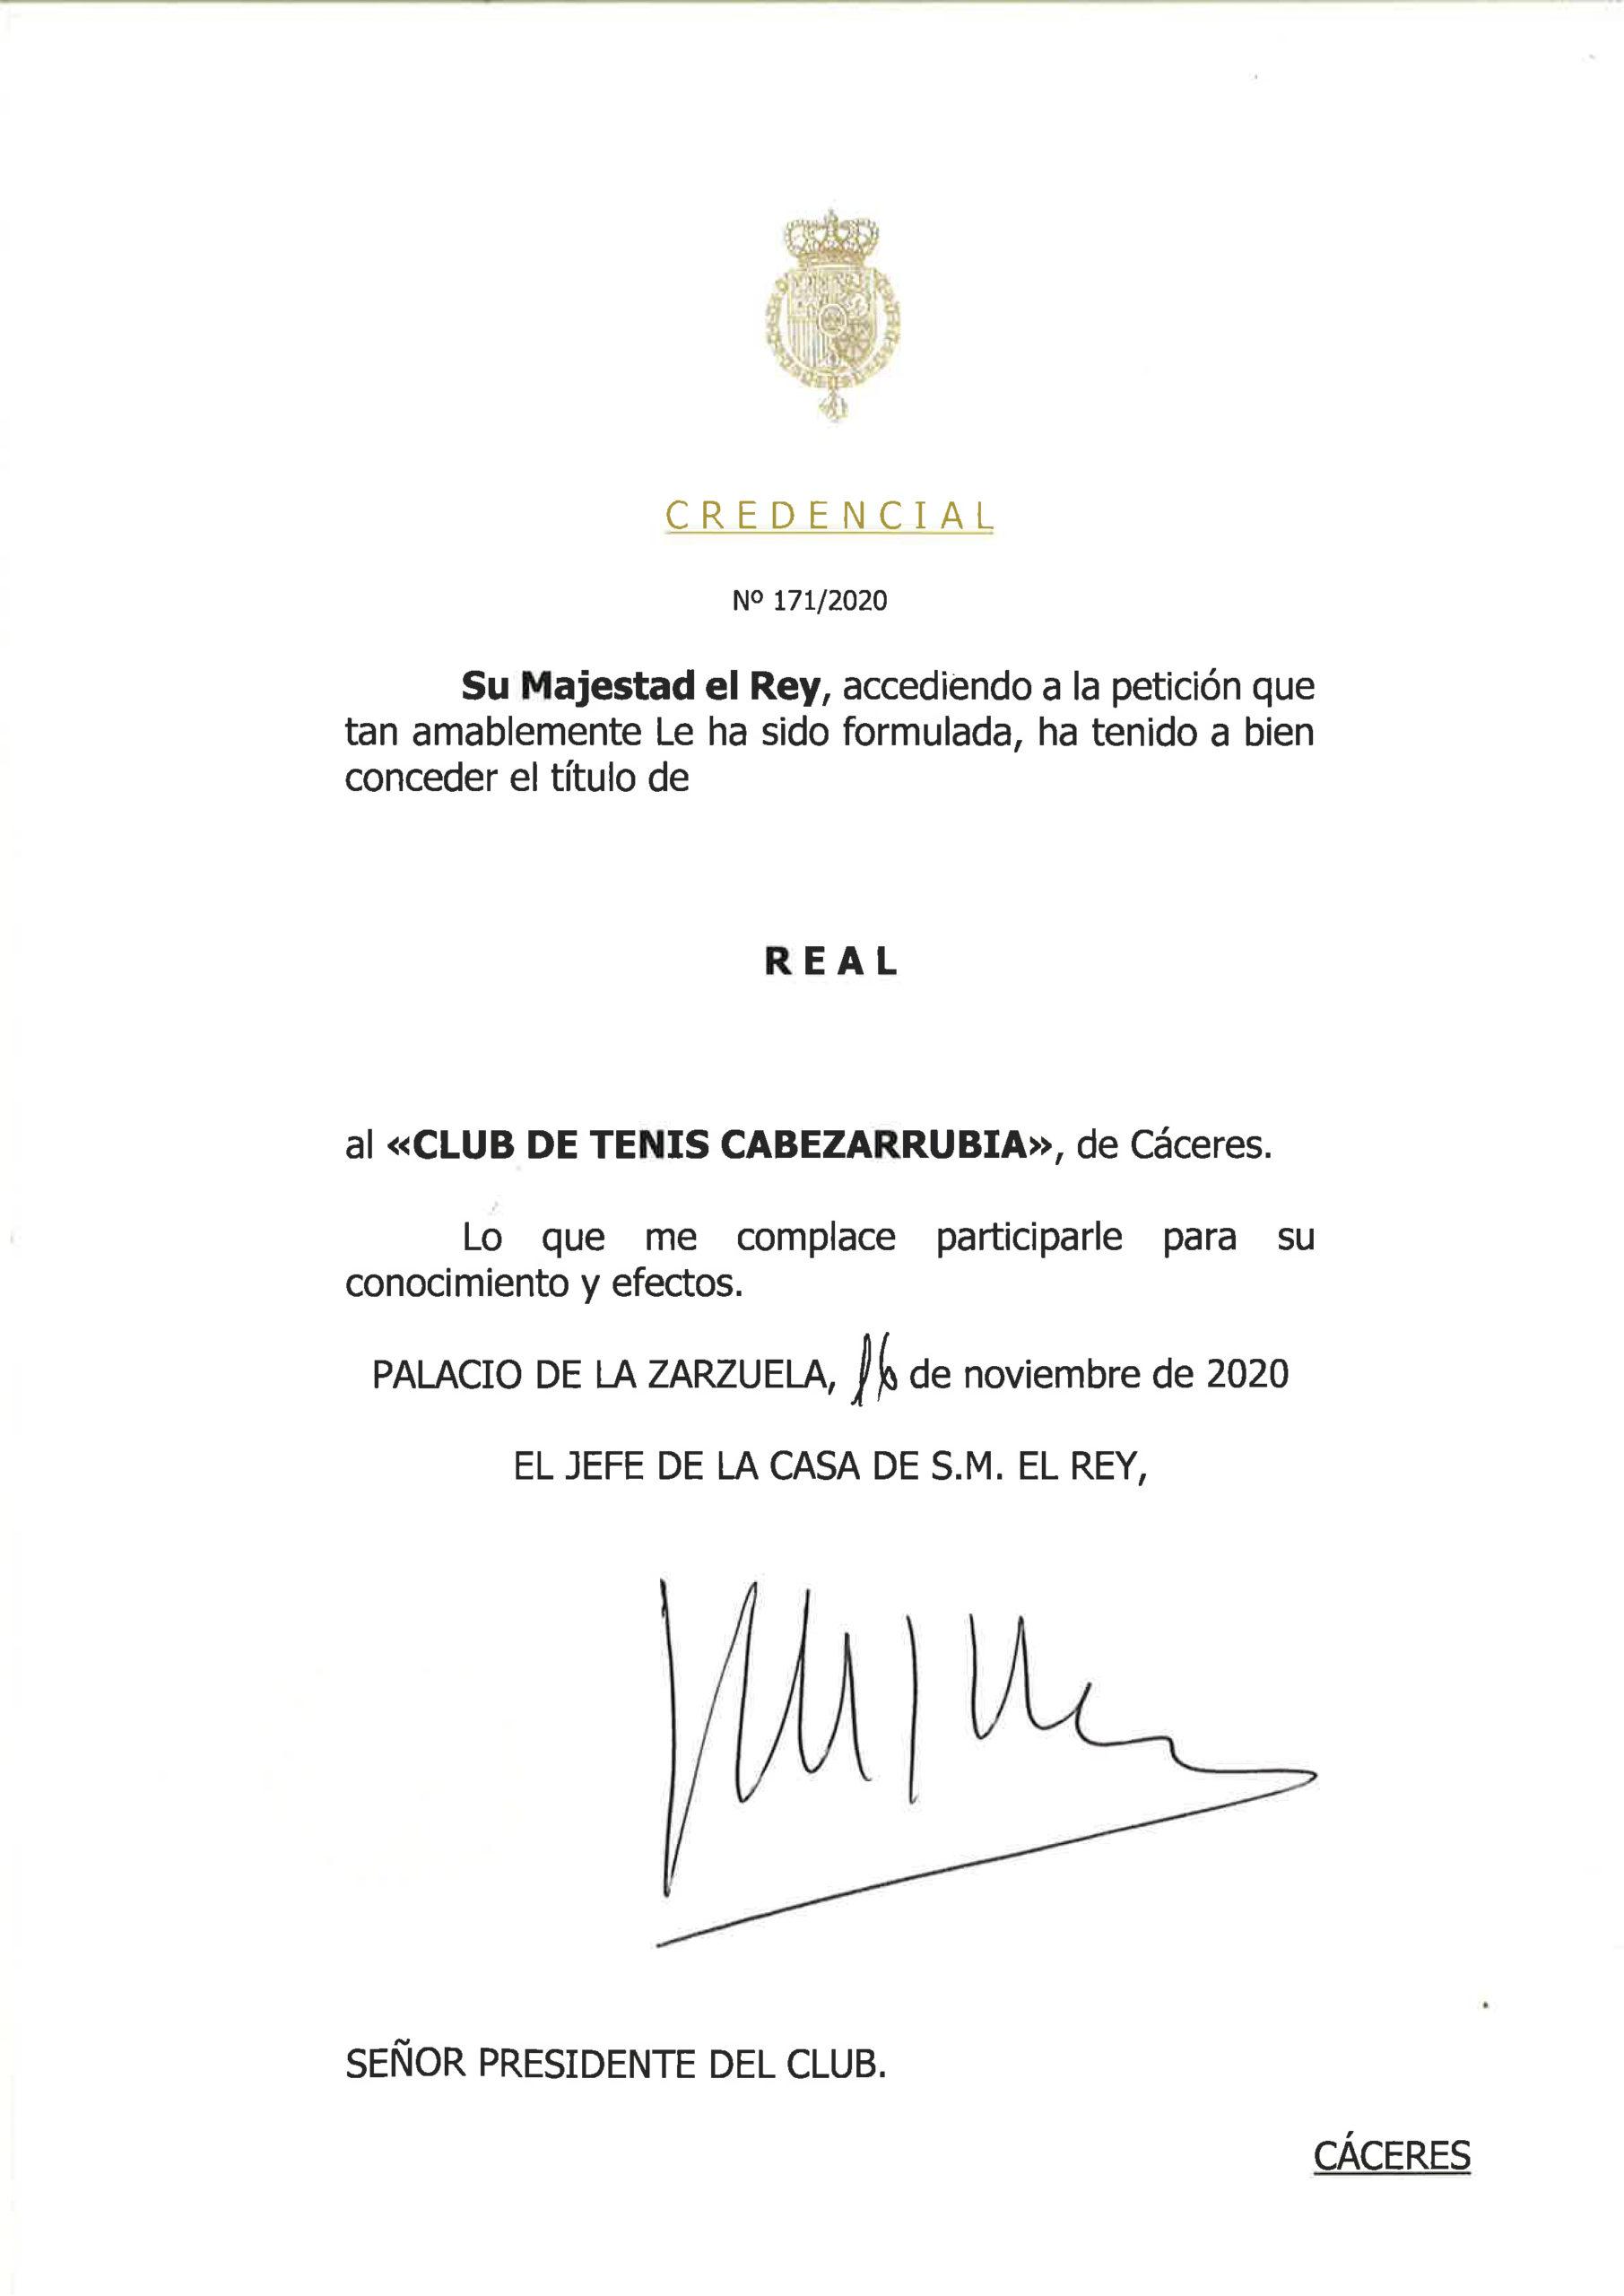 20201116-Casa Real-Título Real Club- CREDENCIAL